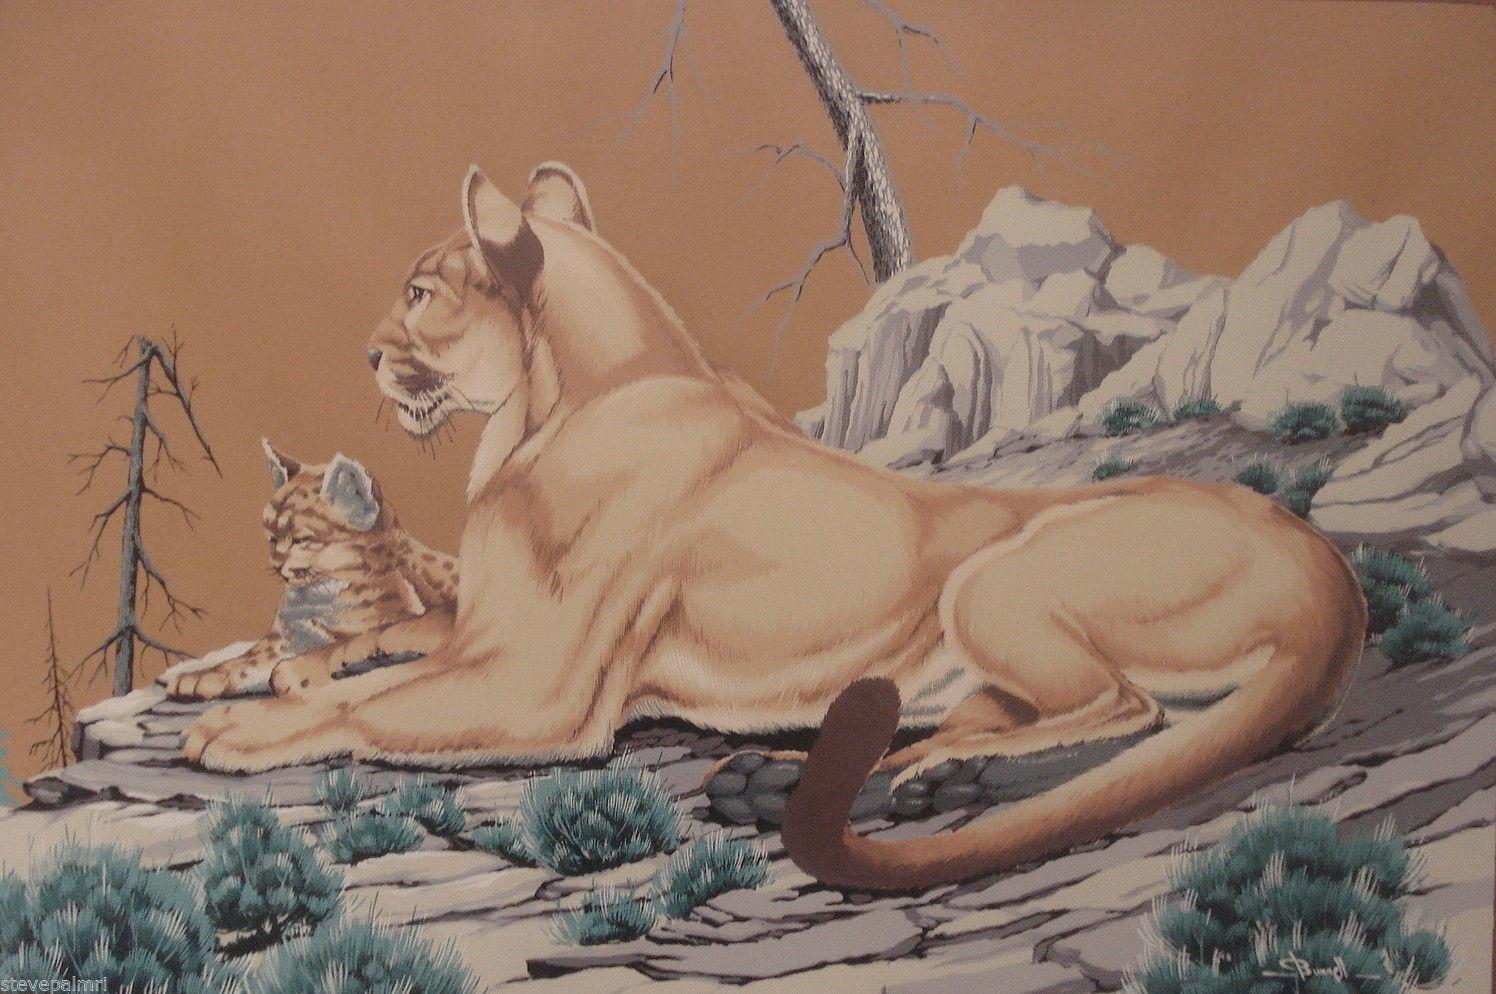 James Bunnell 50s Home Decor Lions Cub 2 Art Prints MCM 1951 Vintage 02130